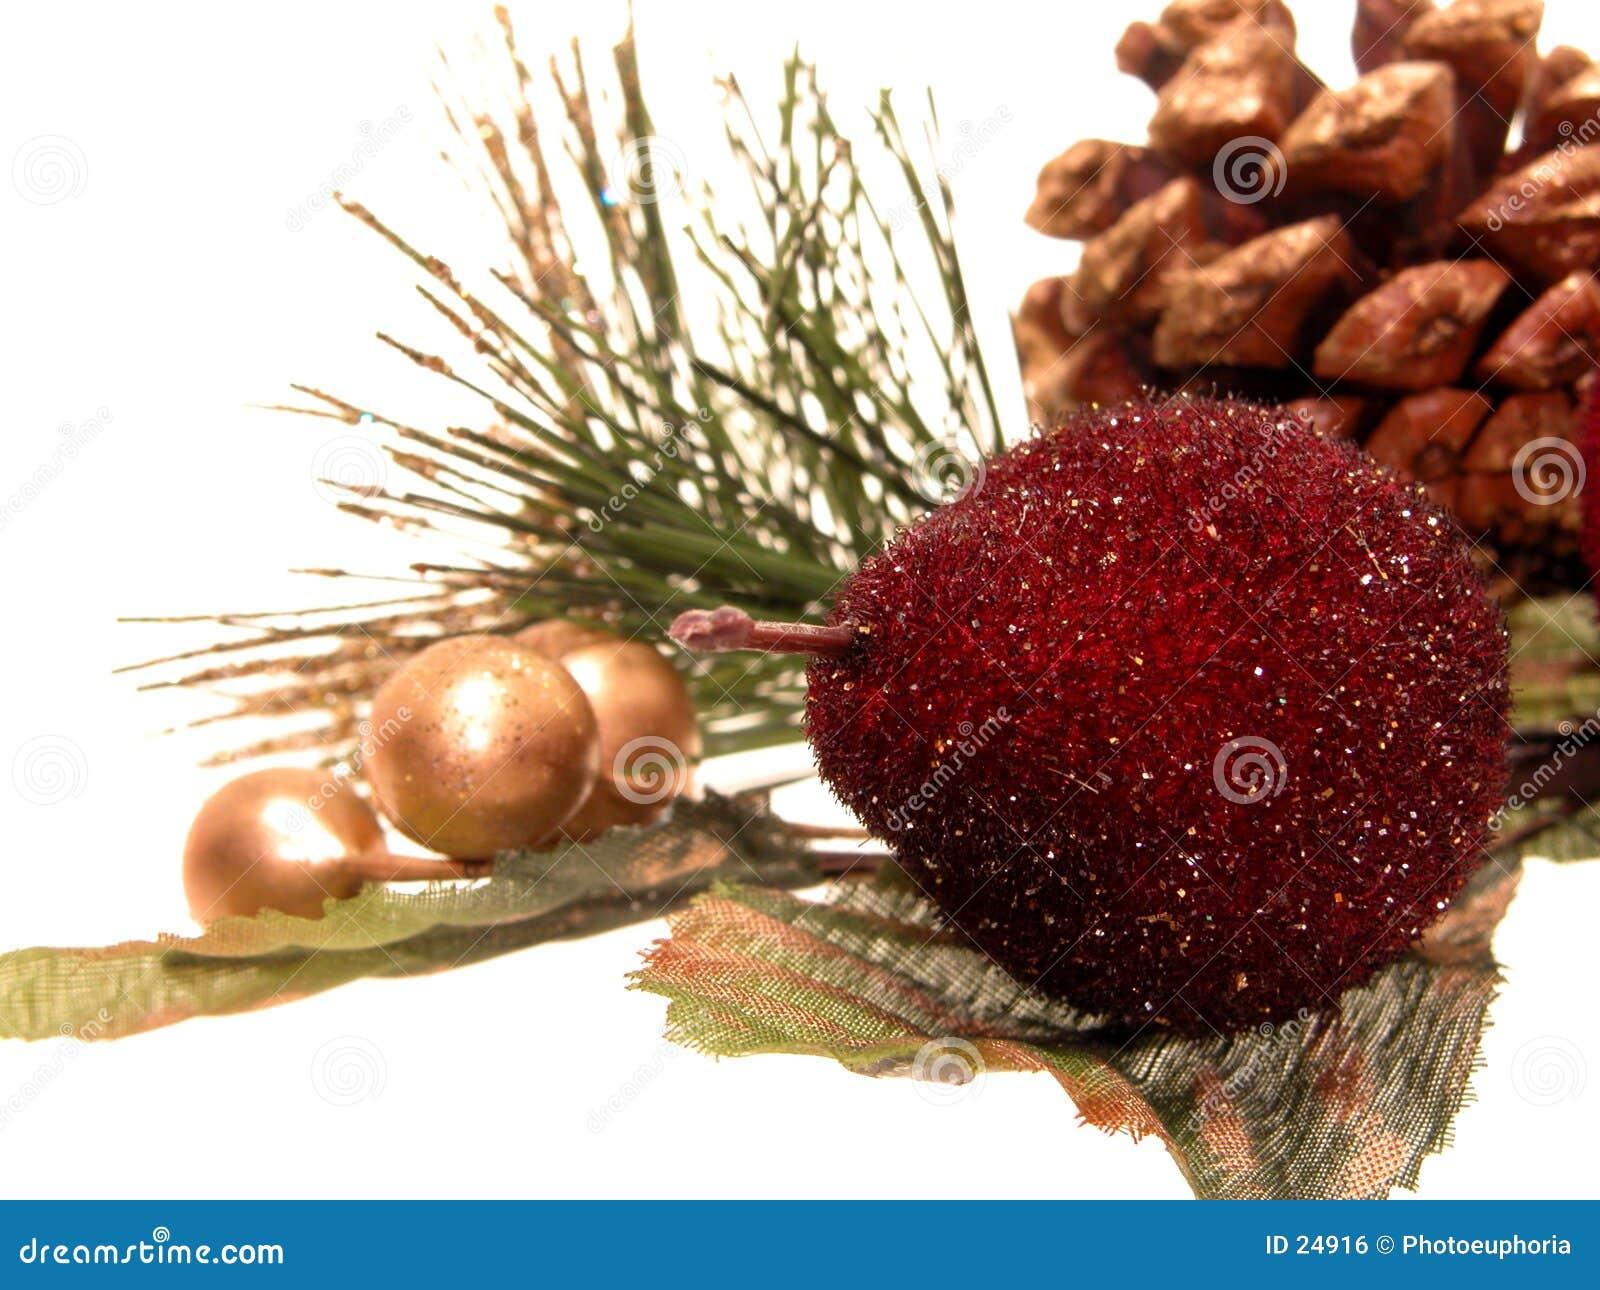 Sztuczne świąteczne dekoracje wakacyjne